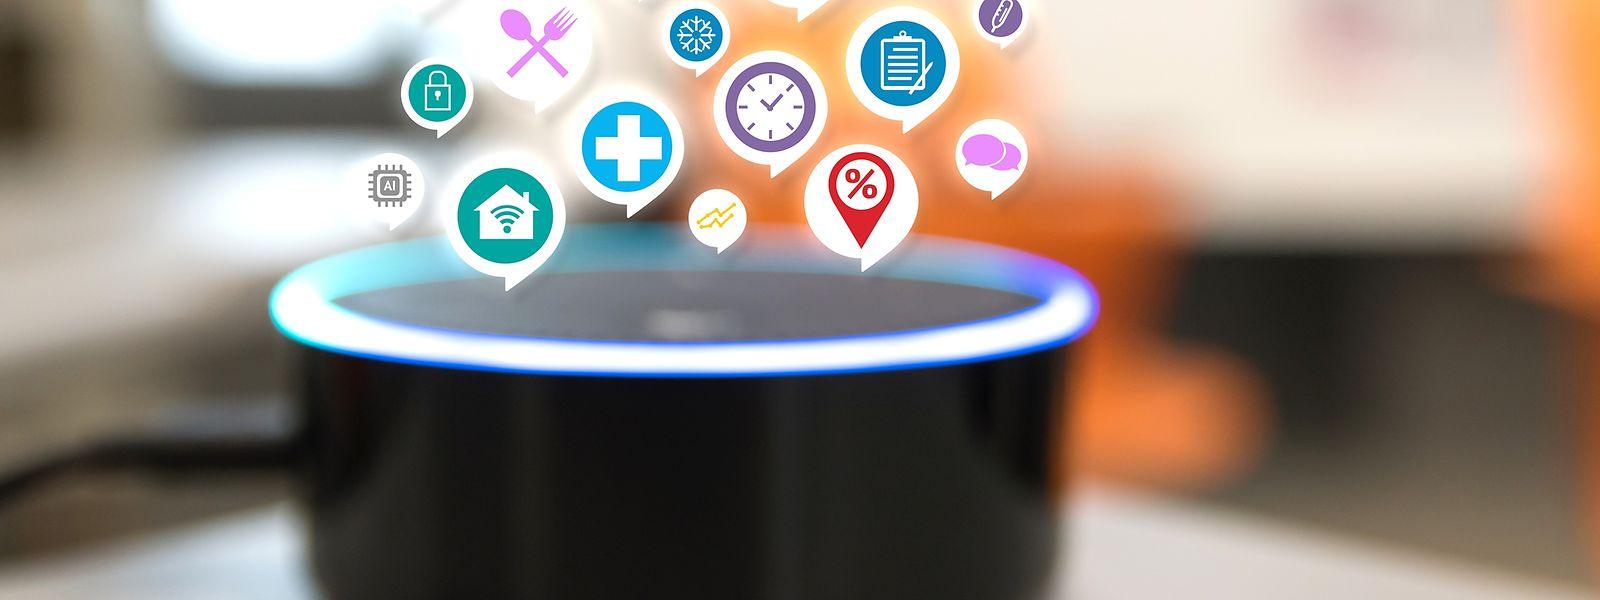 Sprachassistenten leiten Informationen an Unternehmen wie Google und Amazon weiter.